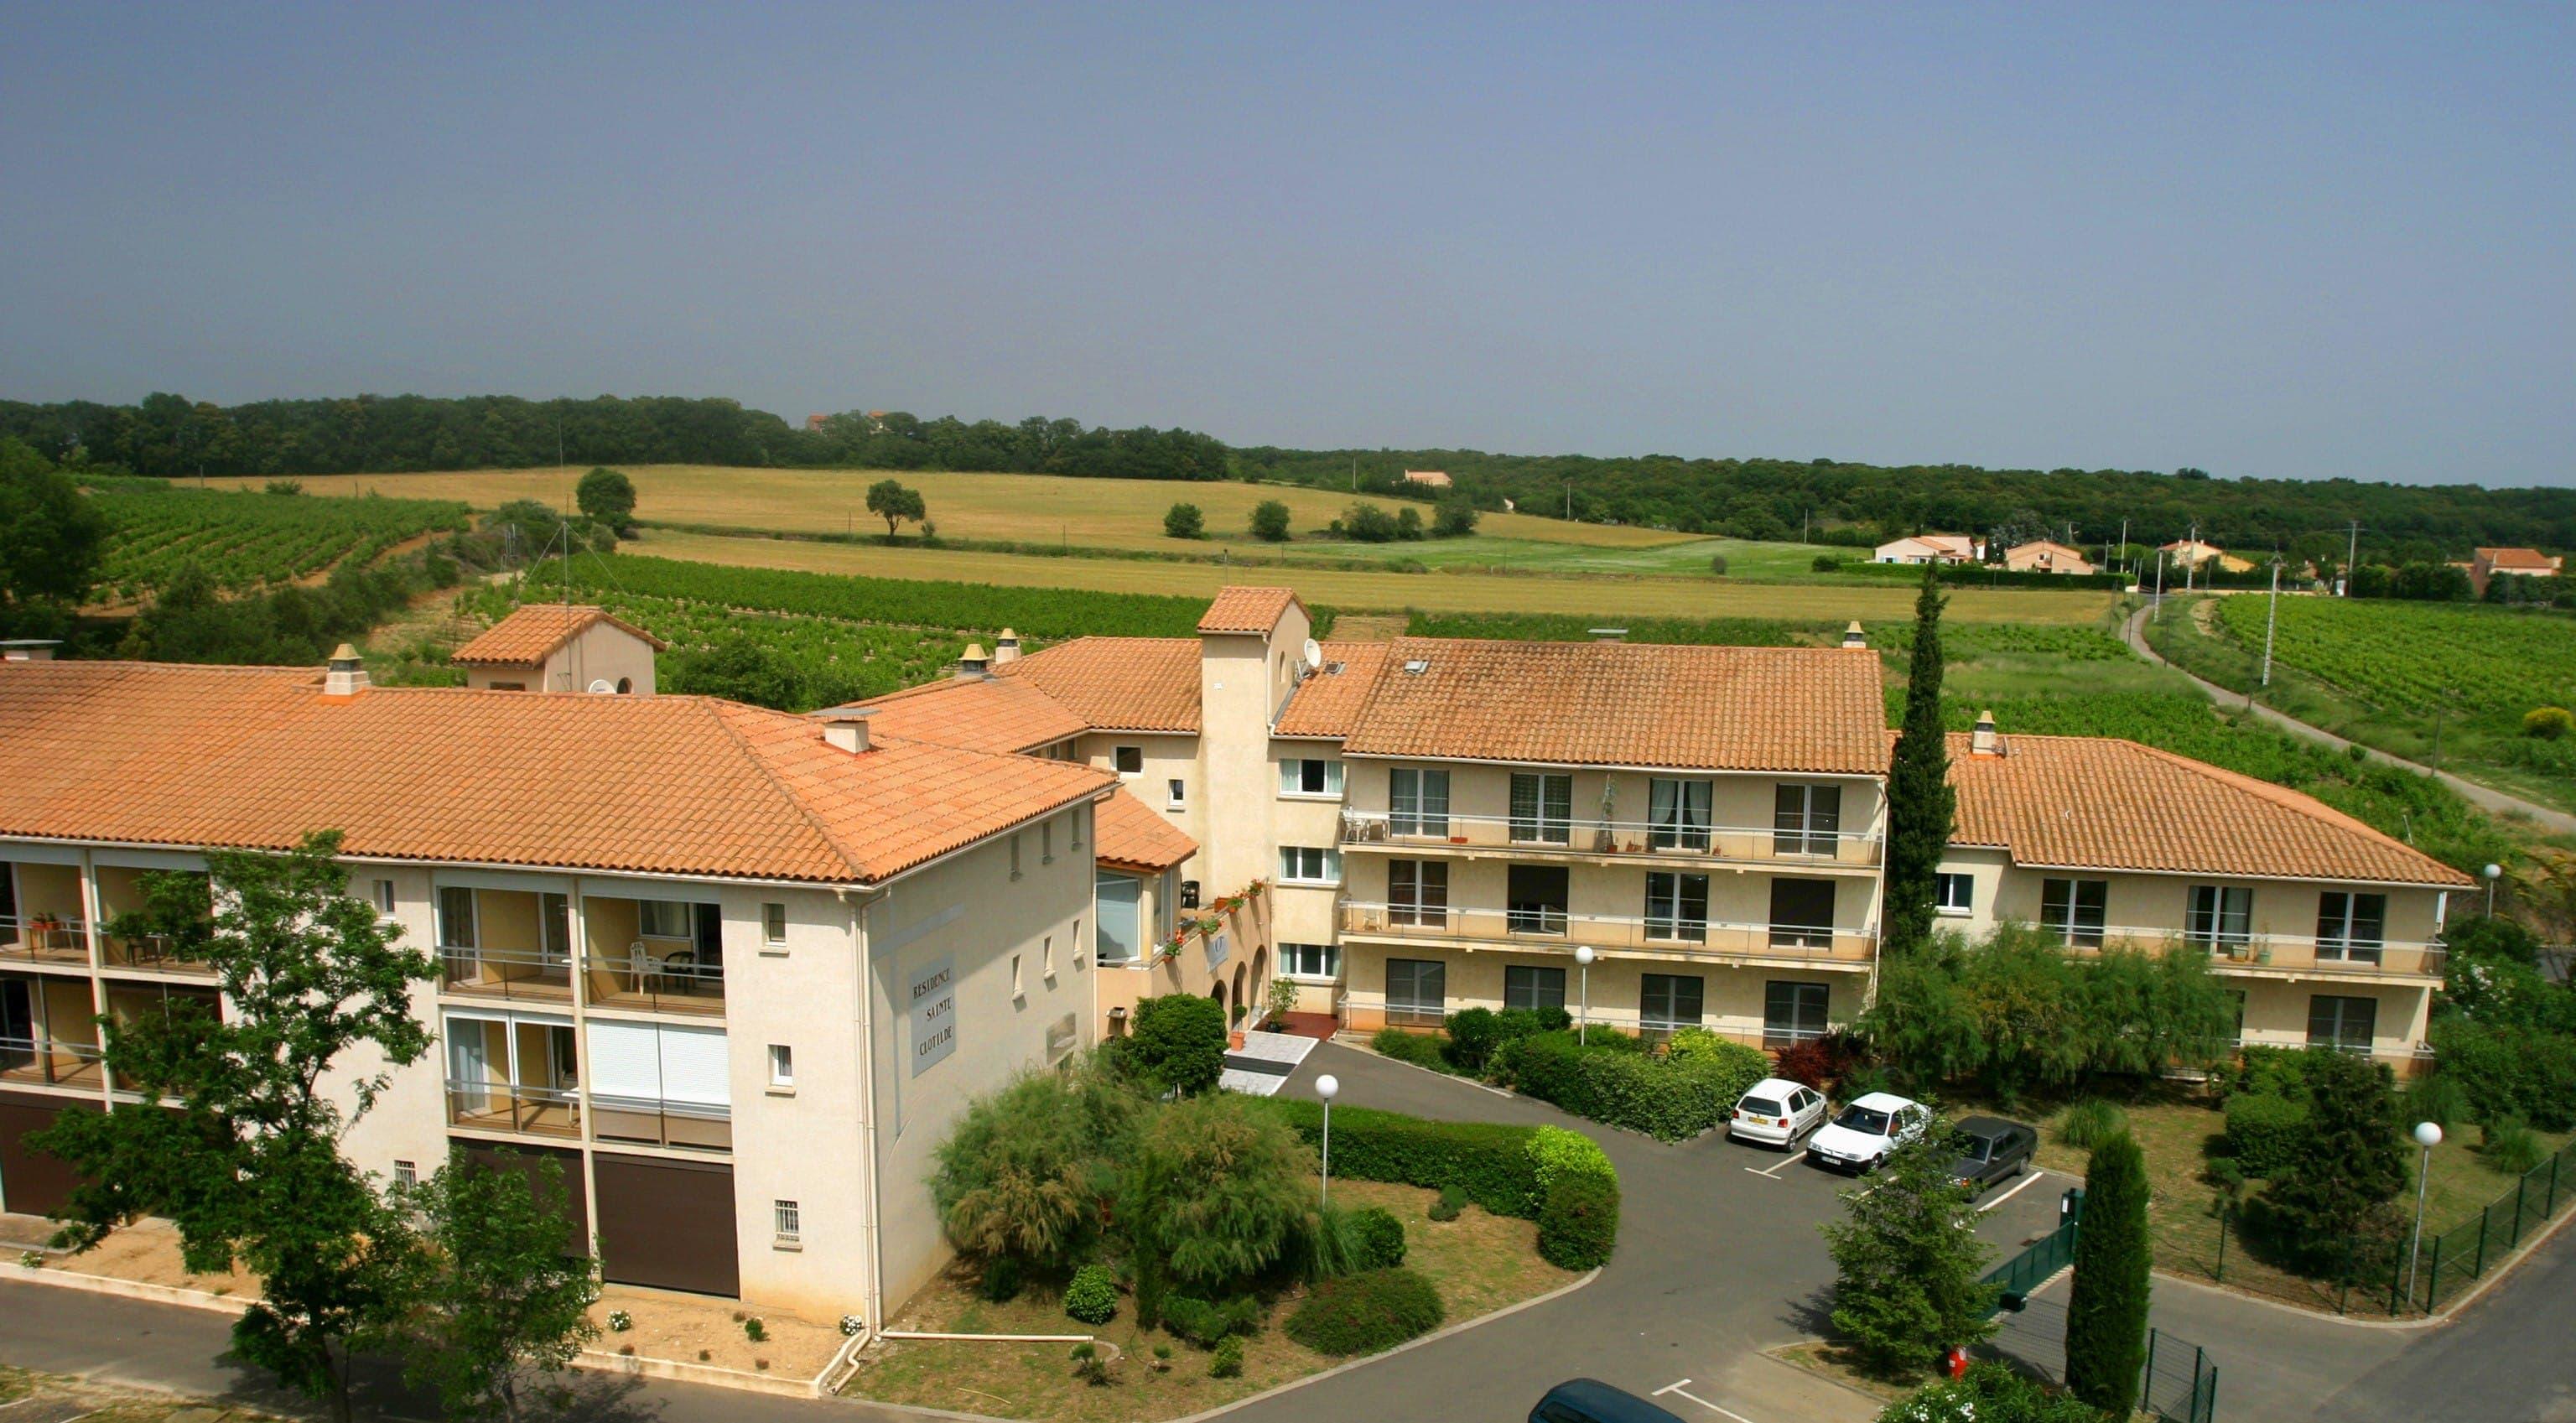 Maison de retraite Sainte Clotilde